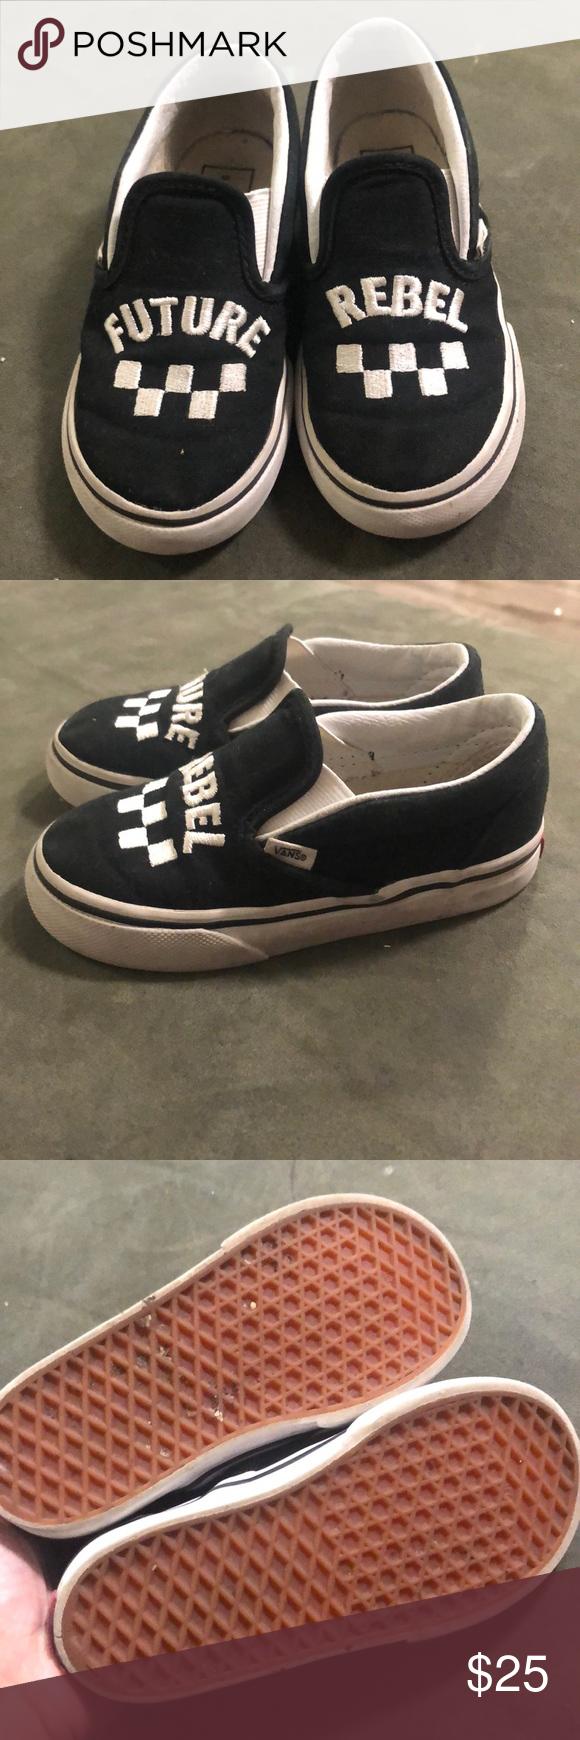 Sneakers, Vans shoes